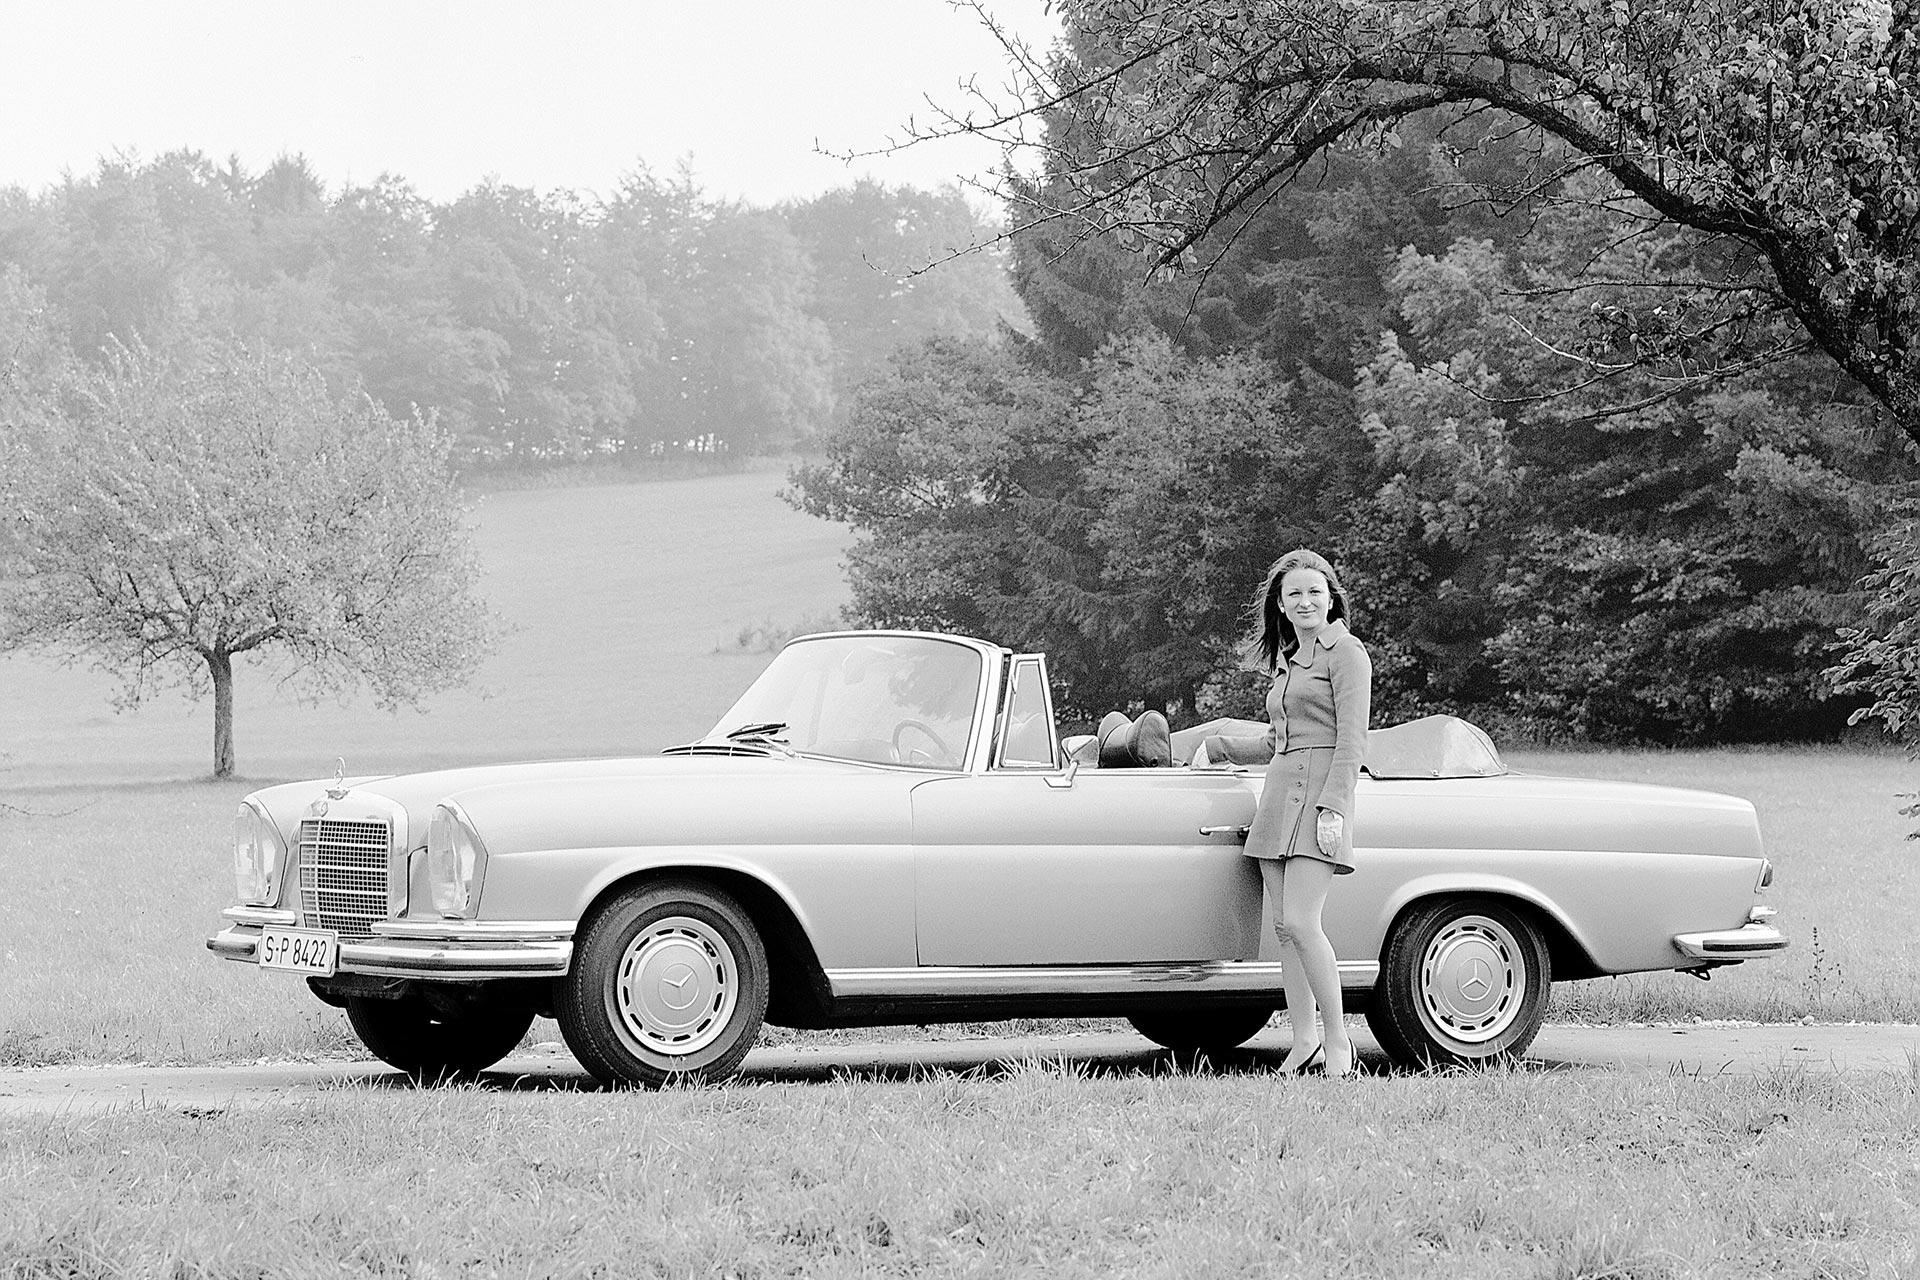 Mercedes-Benz 280 SE 3.5 Cabriolet (Baureihe W 111). Mit verschiedenen Motorisierungen wird das Cabriolet der Baureihen W 111/W 112 von 1961 bis 1971 gebaut